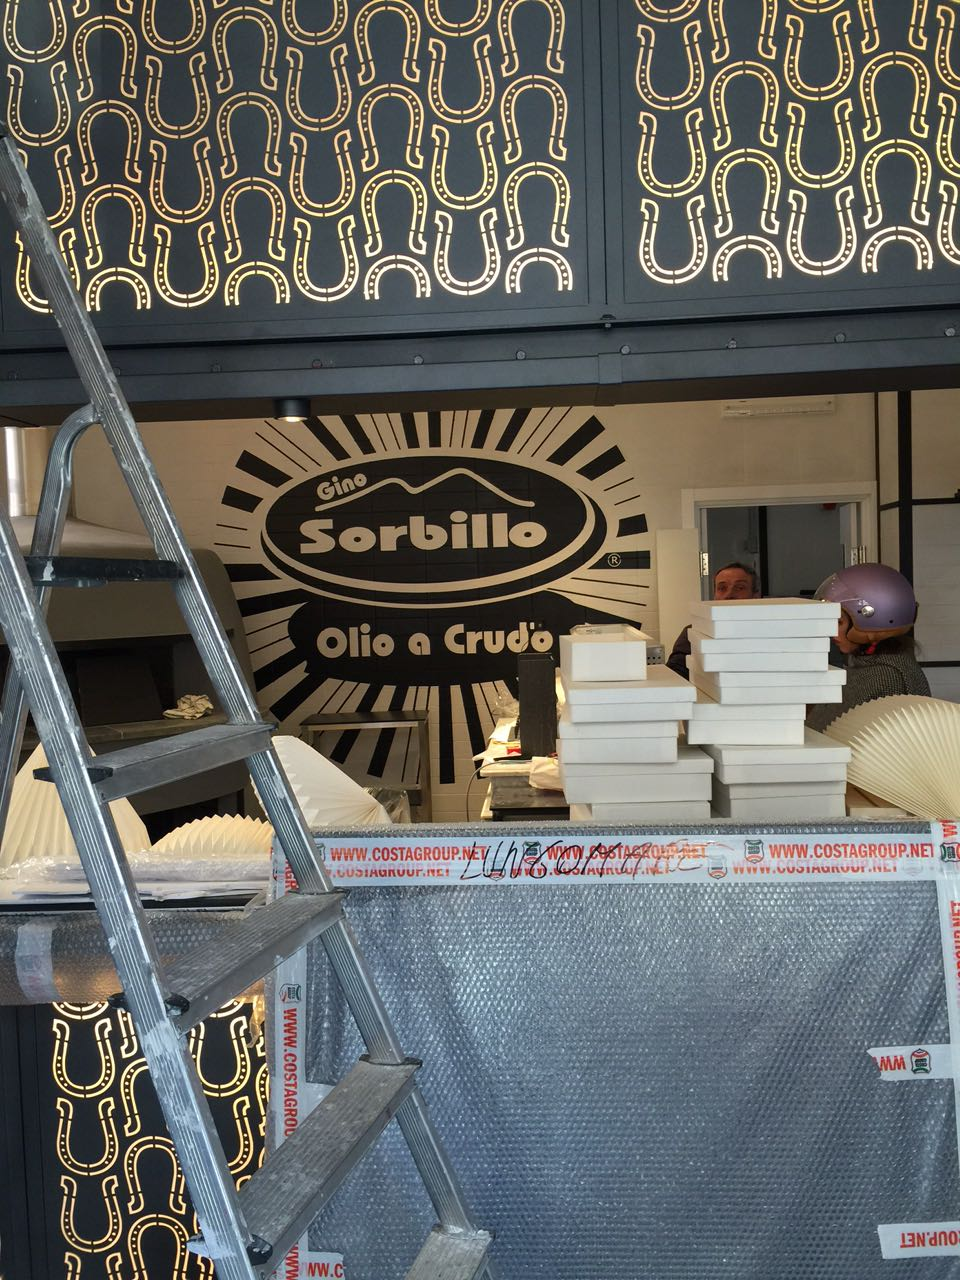 nuova-pizzeria-olio-a-crudo-milano-sorbillo